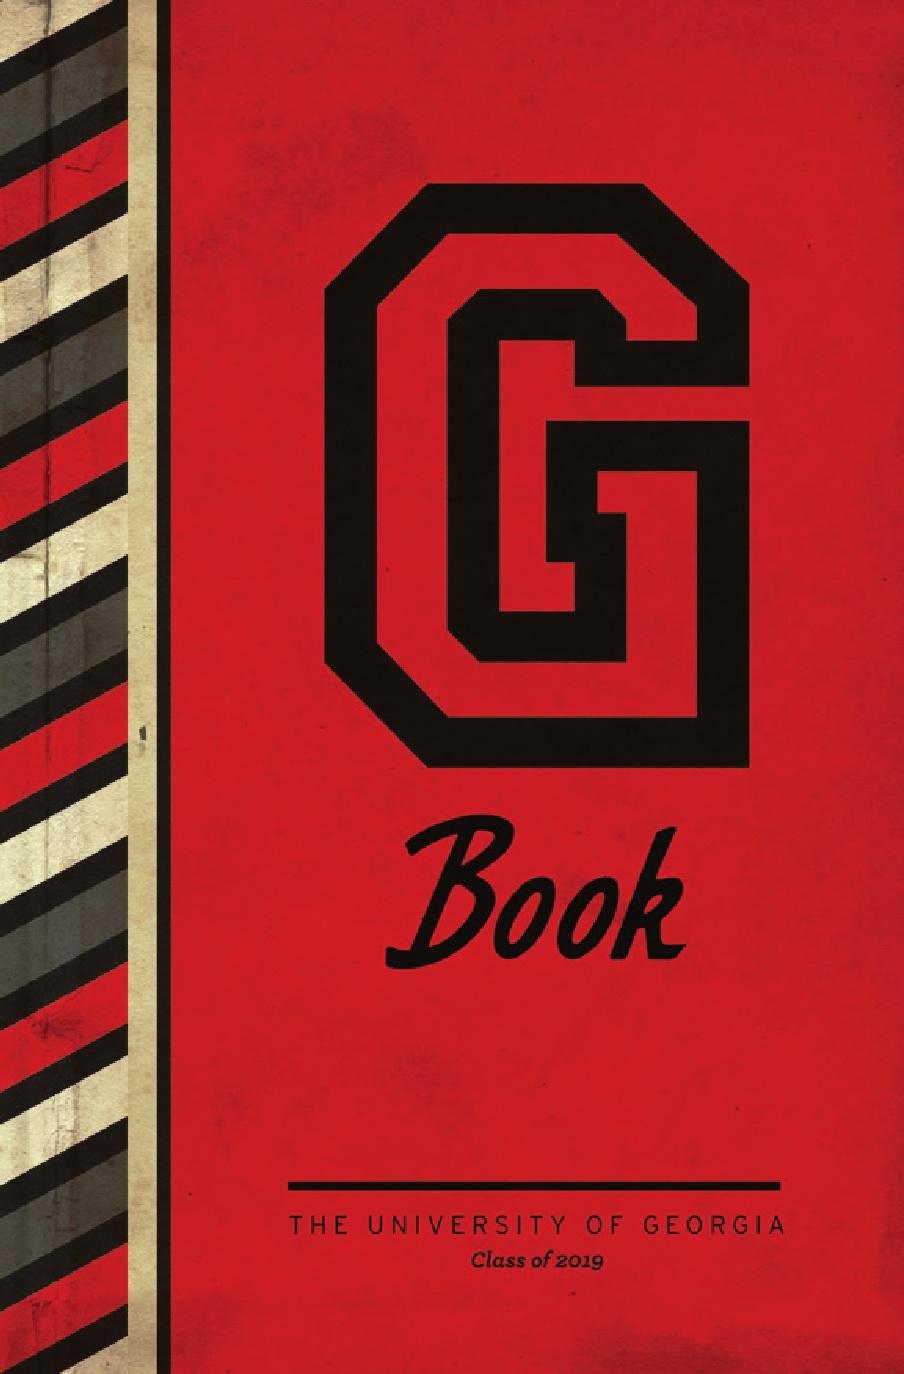 Class of 2019 G Book